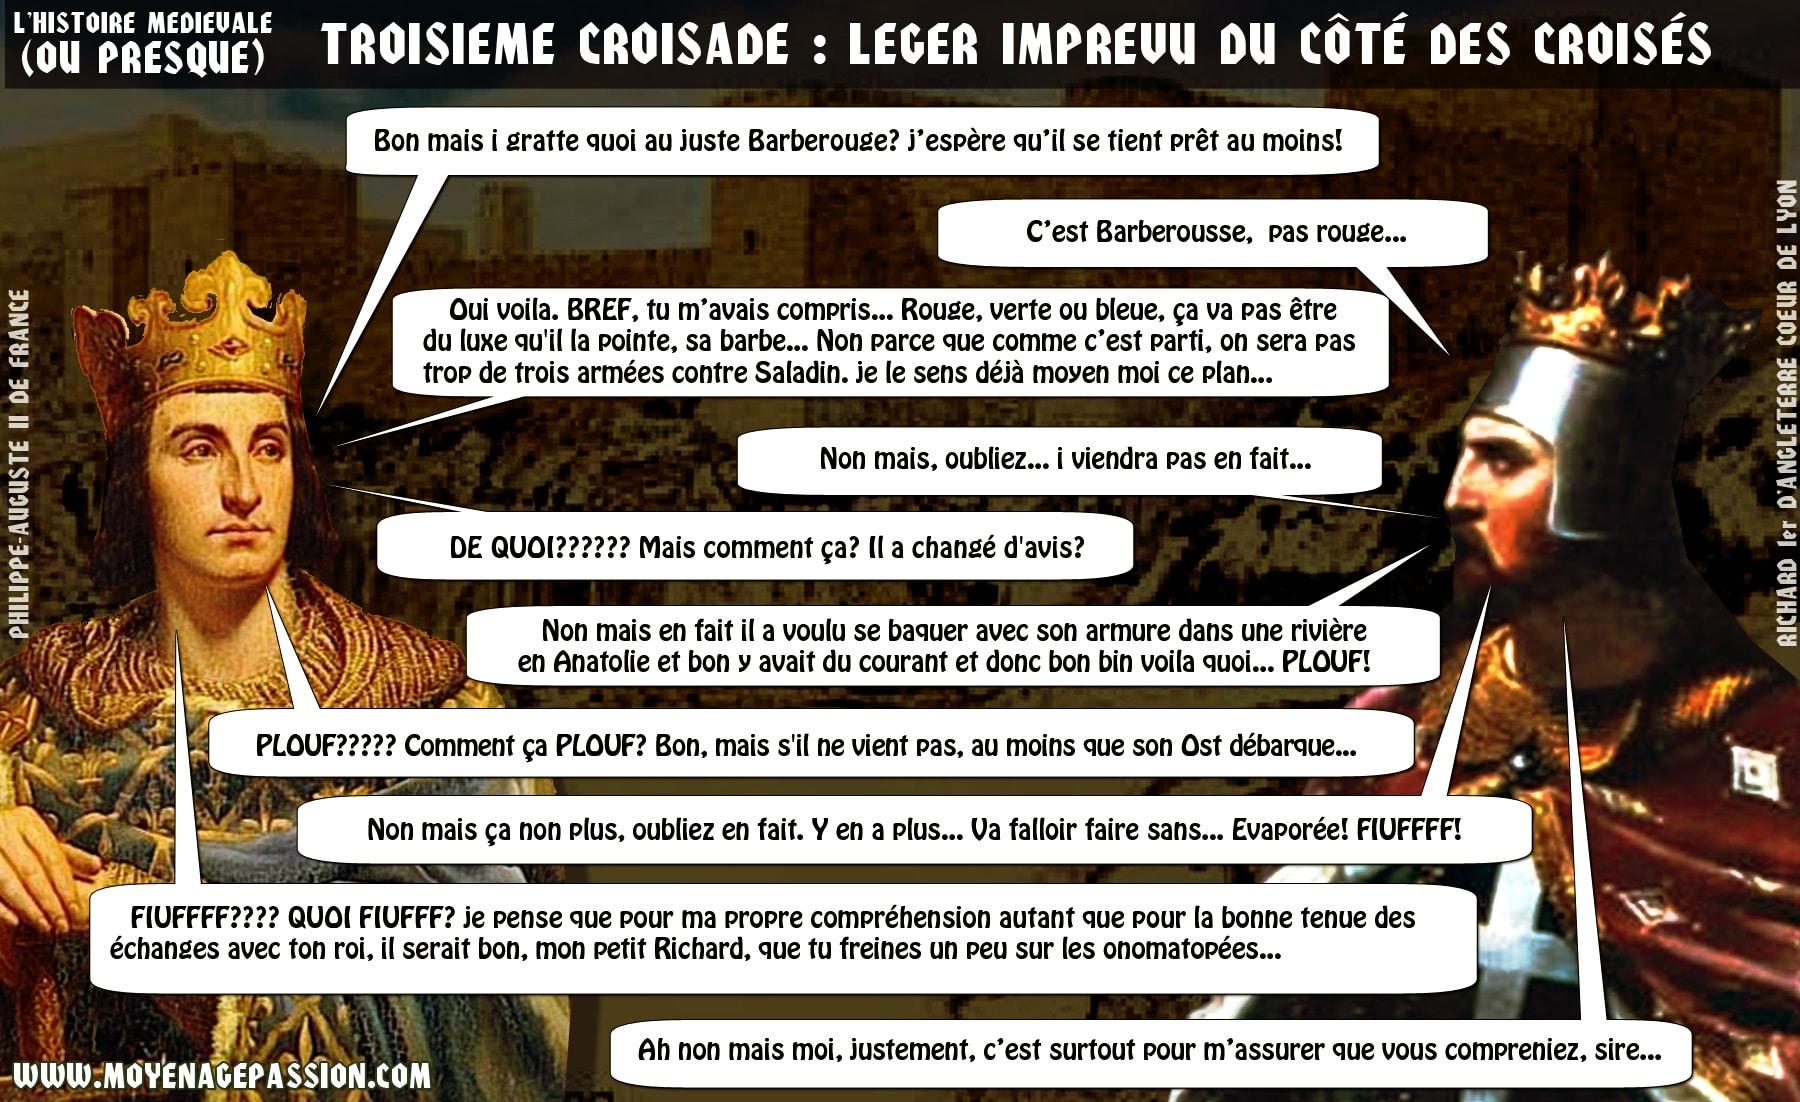 troisieme_croisade_barberousse_philippe-aguste_richard-coeur-de-lyon_histoire_medievale